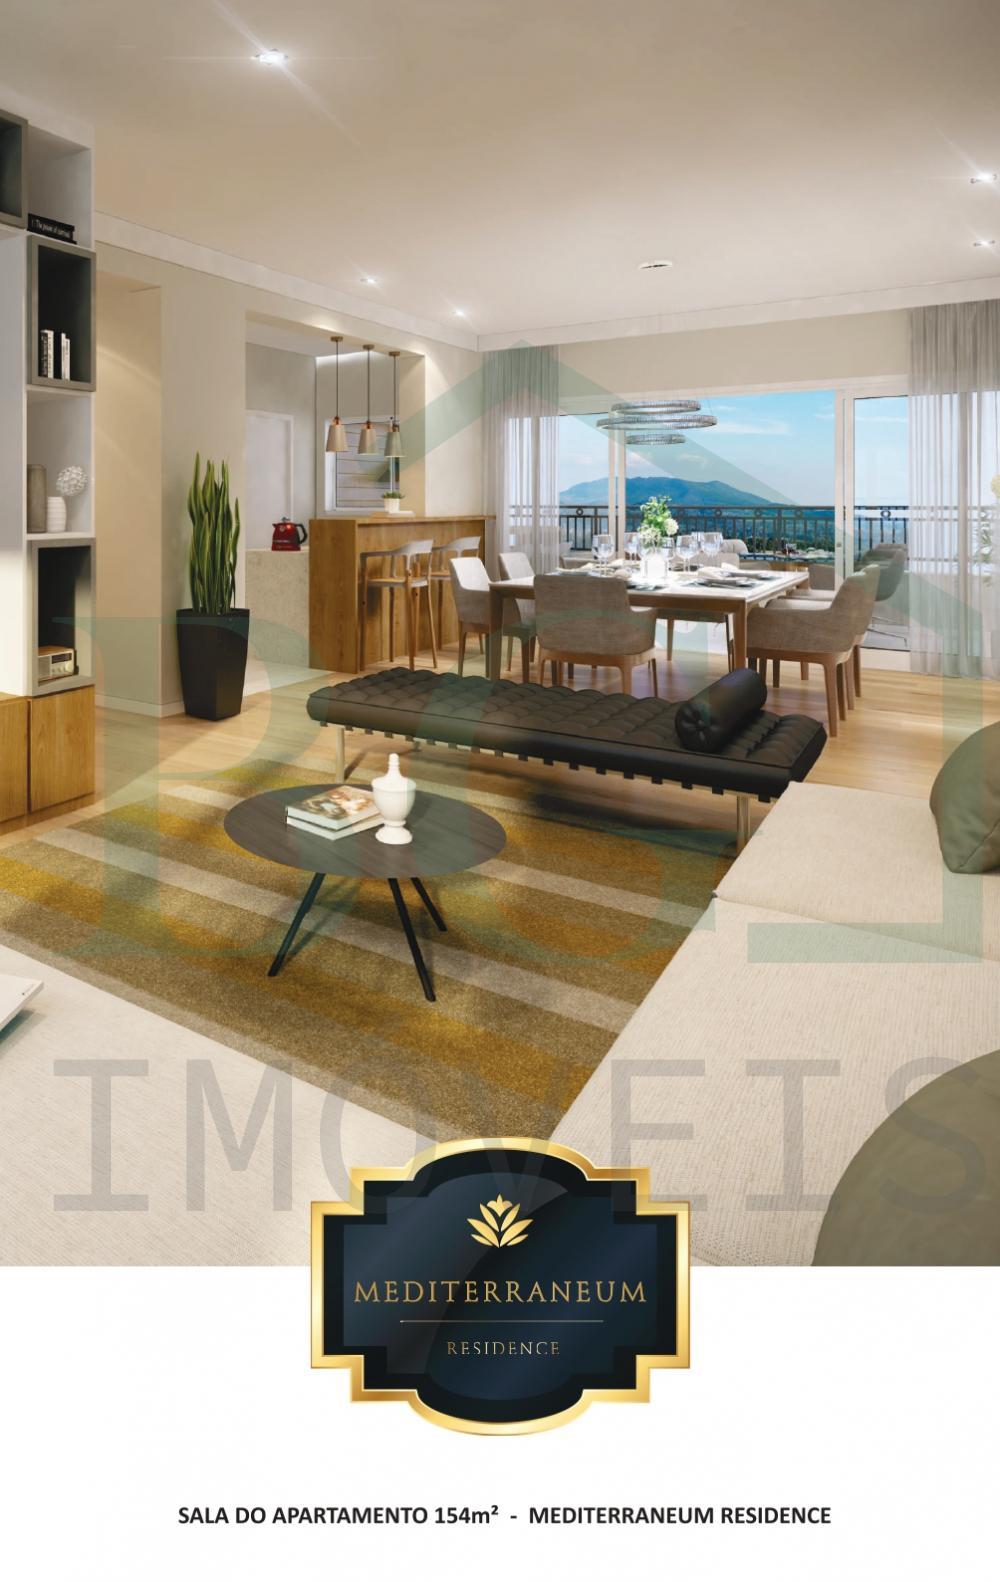 Comprar Apartamentos / Padrão em Poços de Caldas R$ 1.450.000,00 - Foto 11